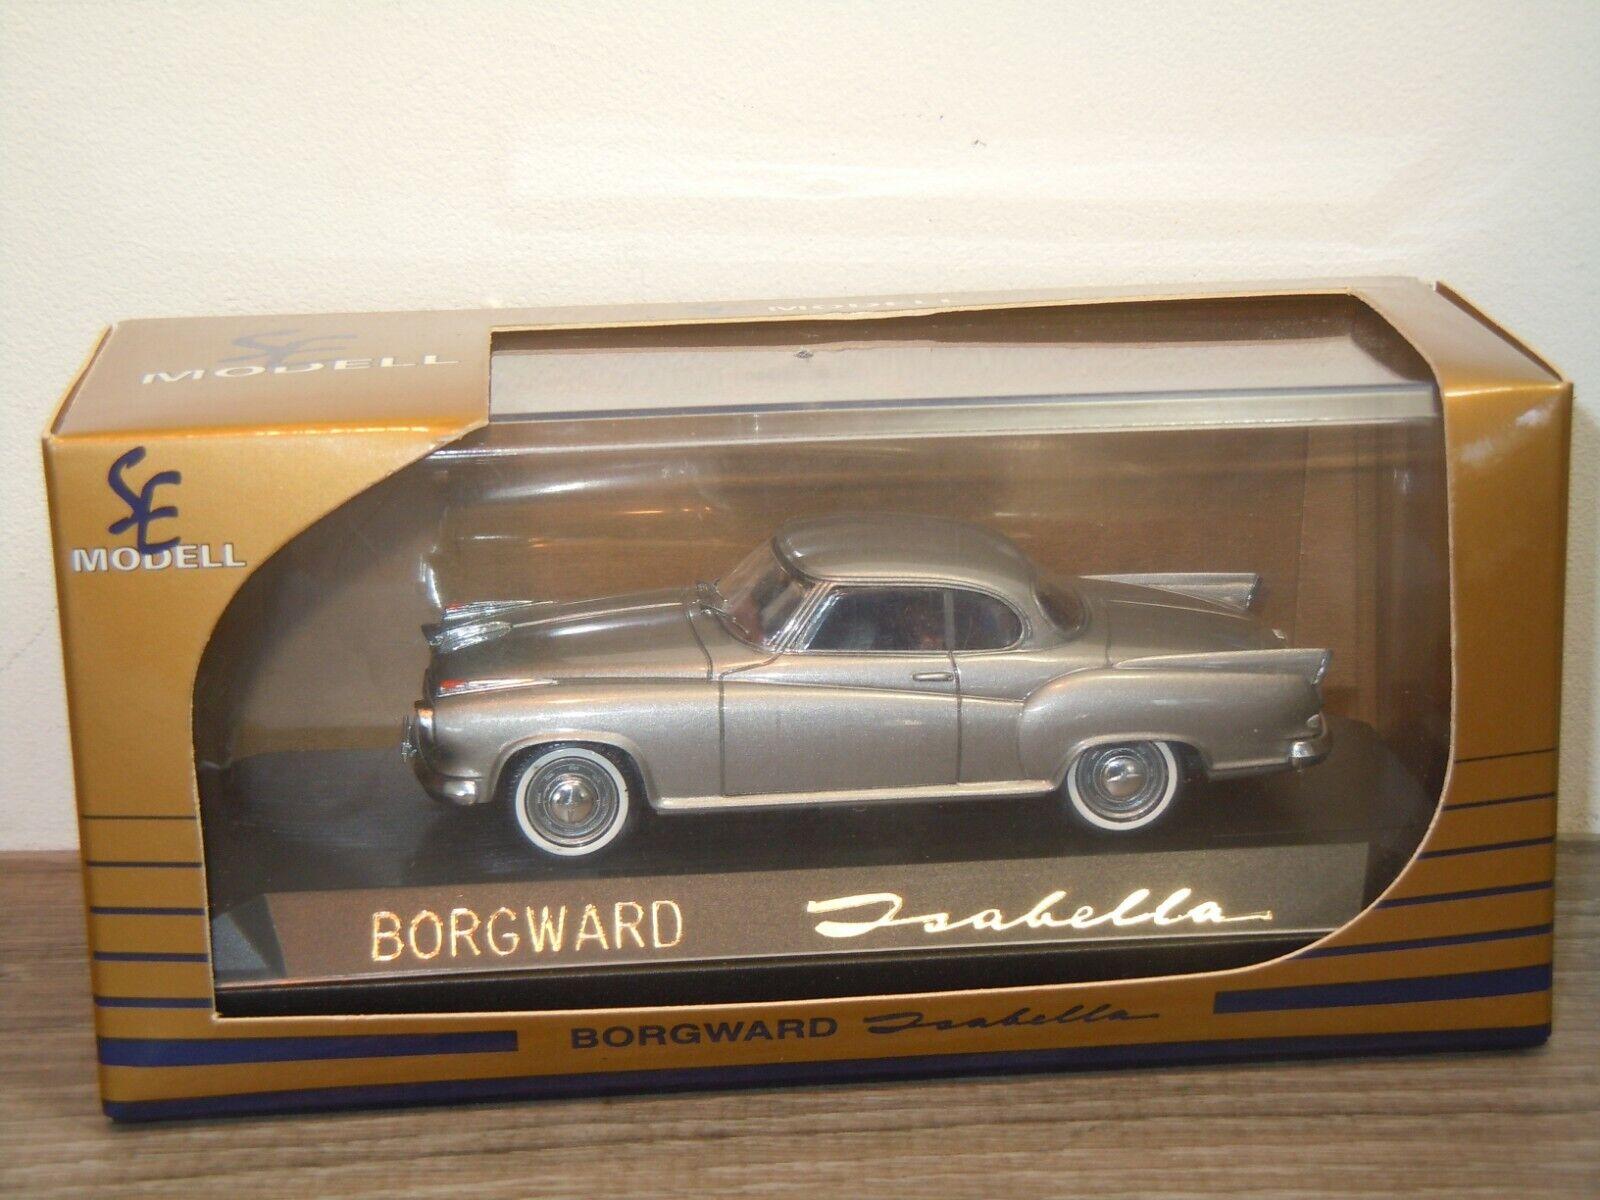 Borgward Isabella Coupe - Solido SE Modell 1 43 in Box 36728